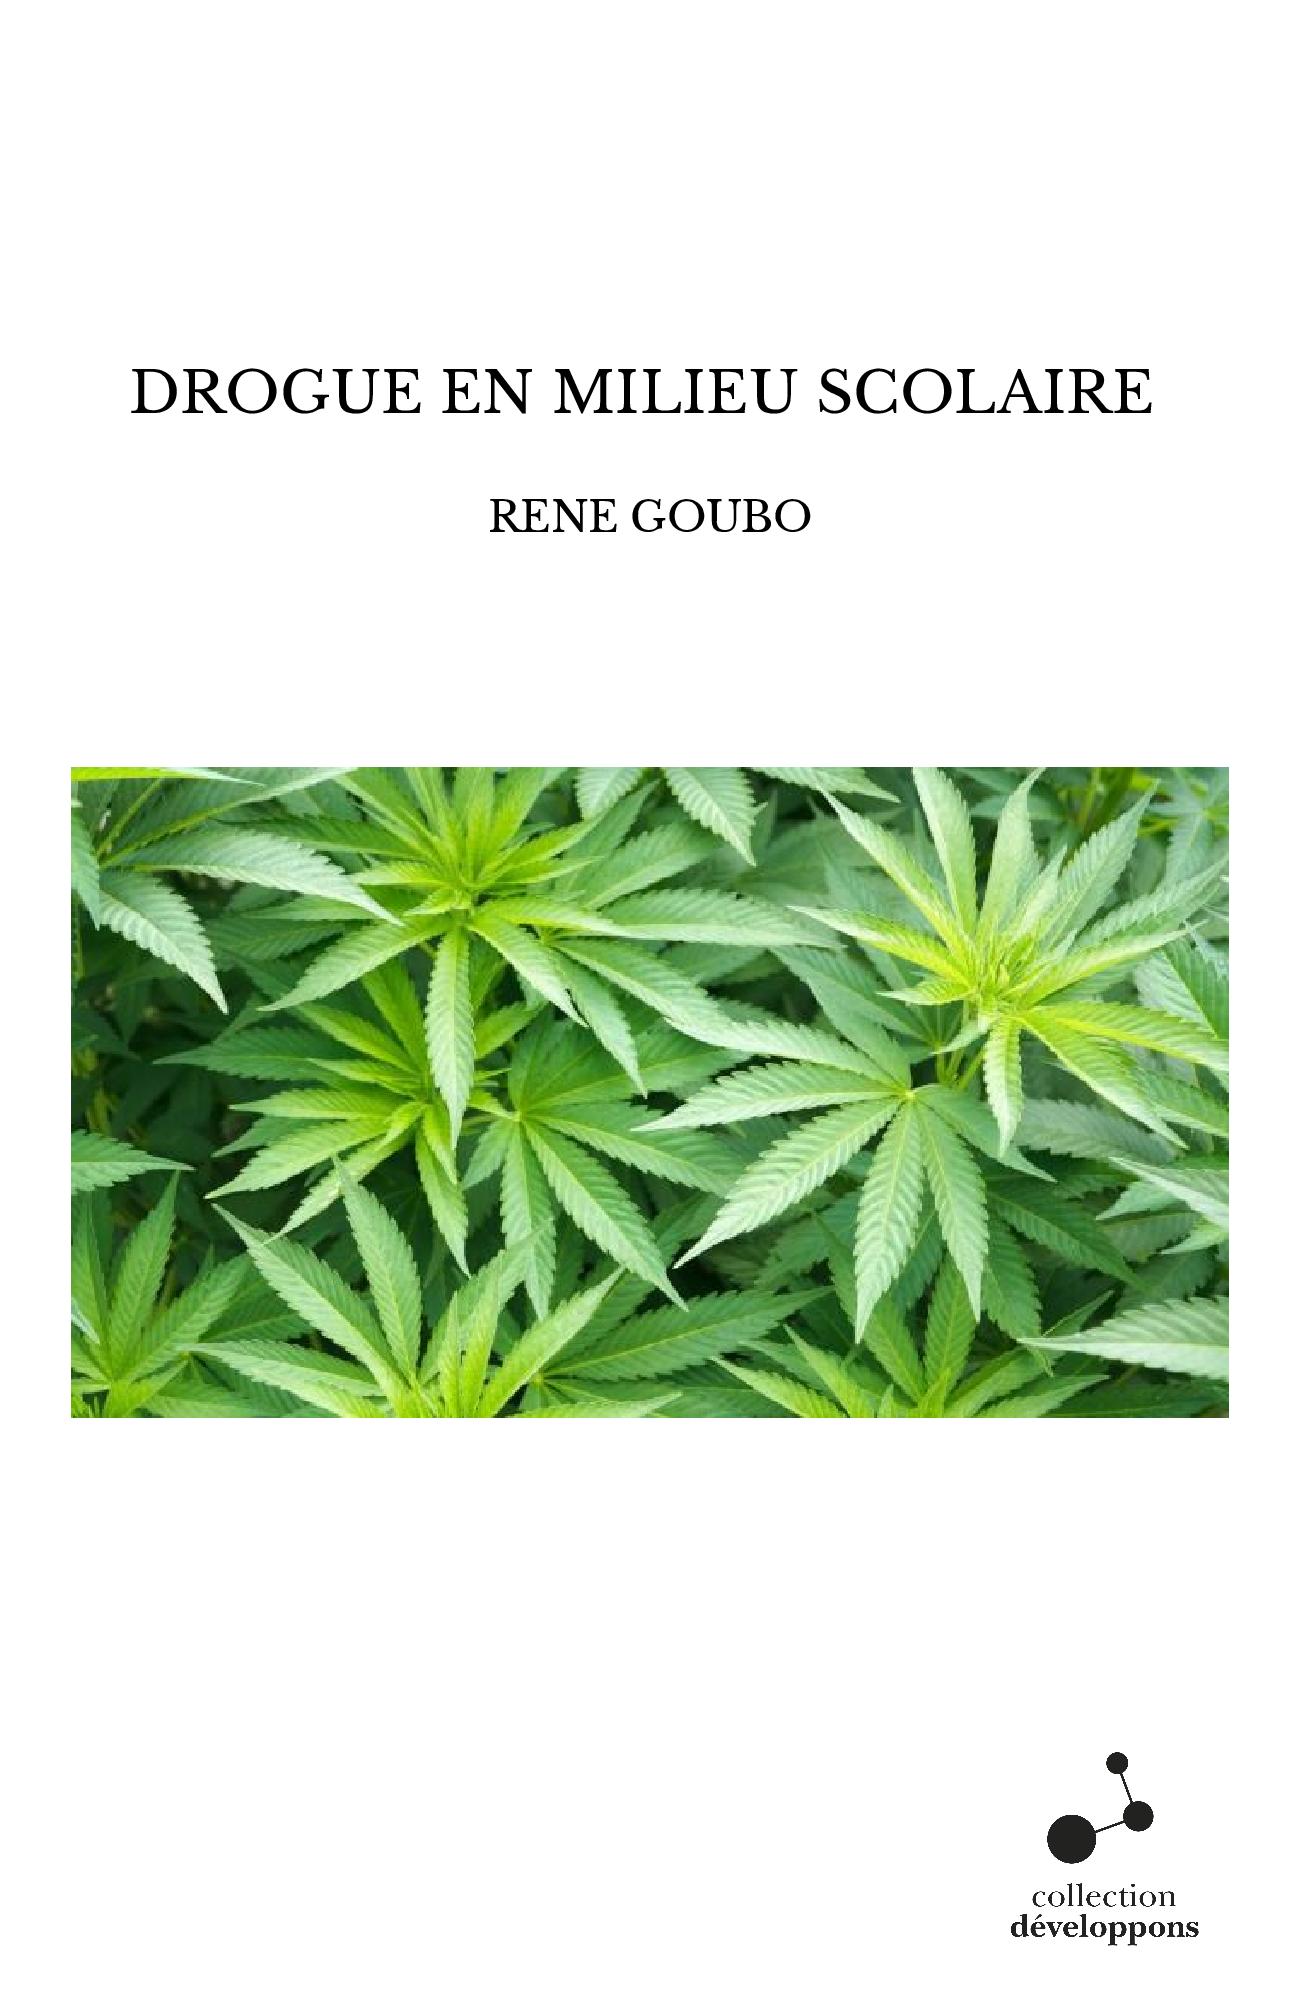 DROGUE EN MILIEU SCOLAIRE